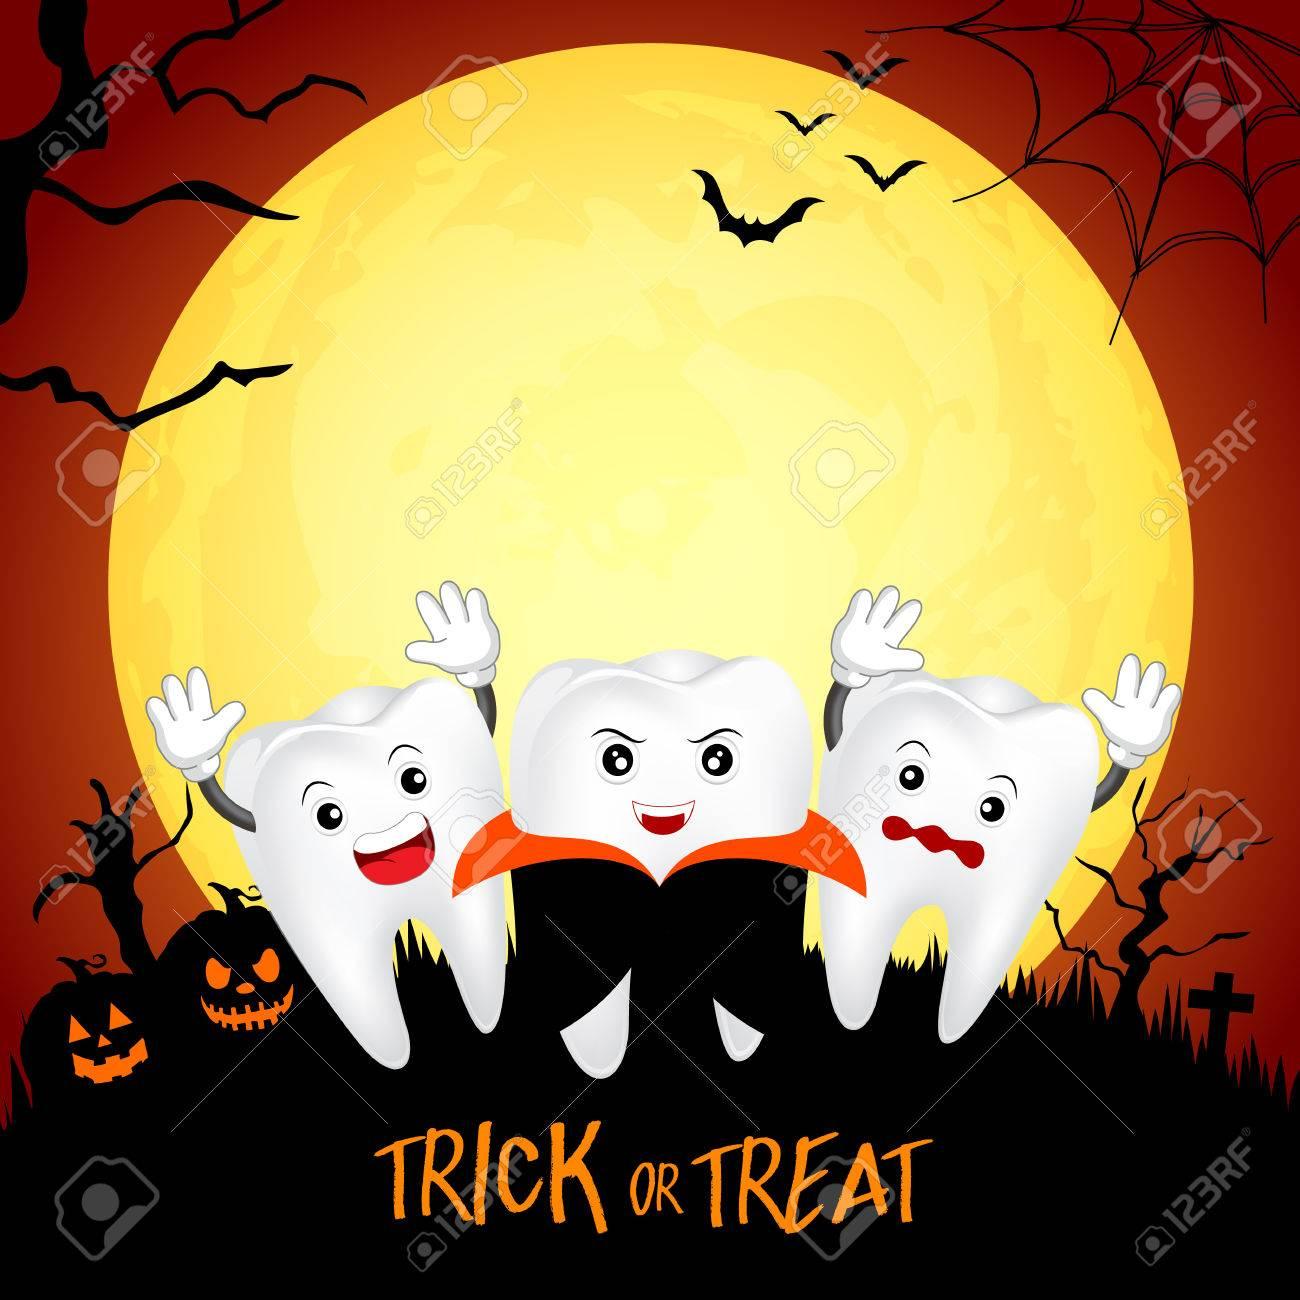 Fuuny かわいいアニメキャラ歯満月の夜幸せなハロウィーン概念の